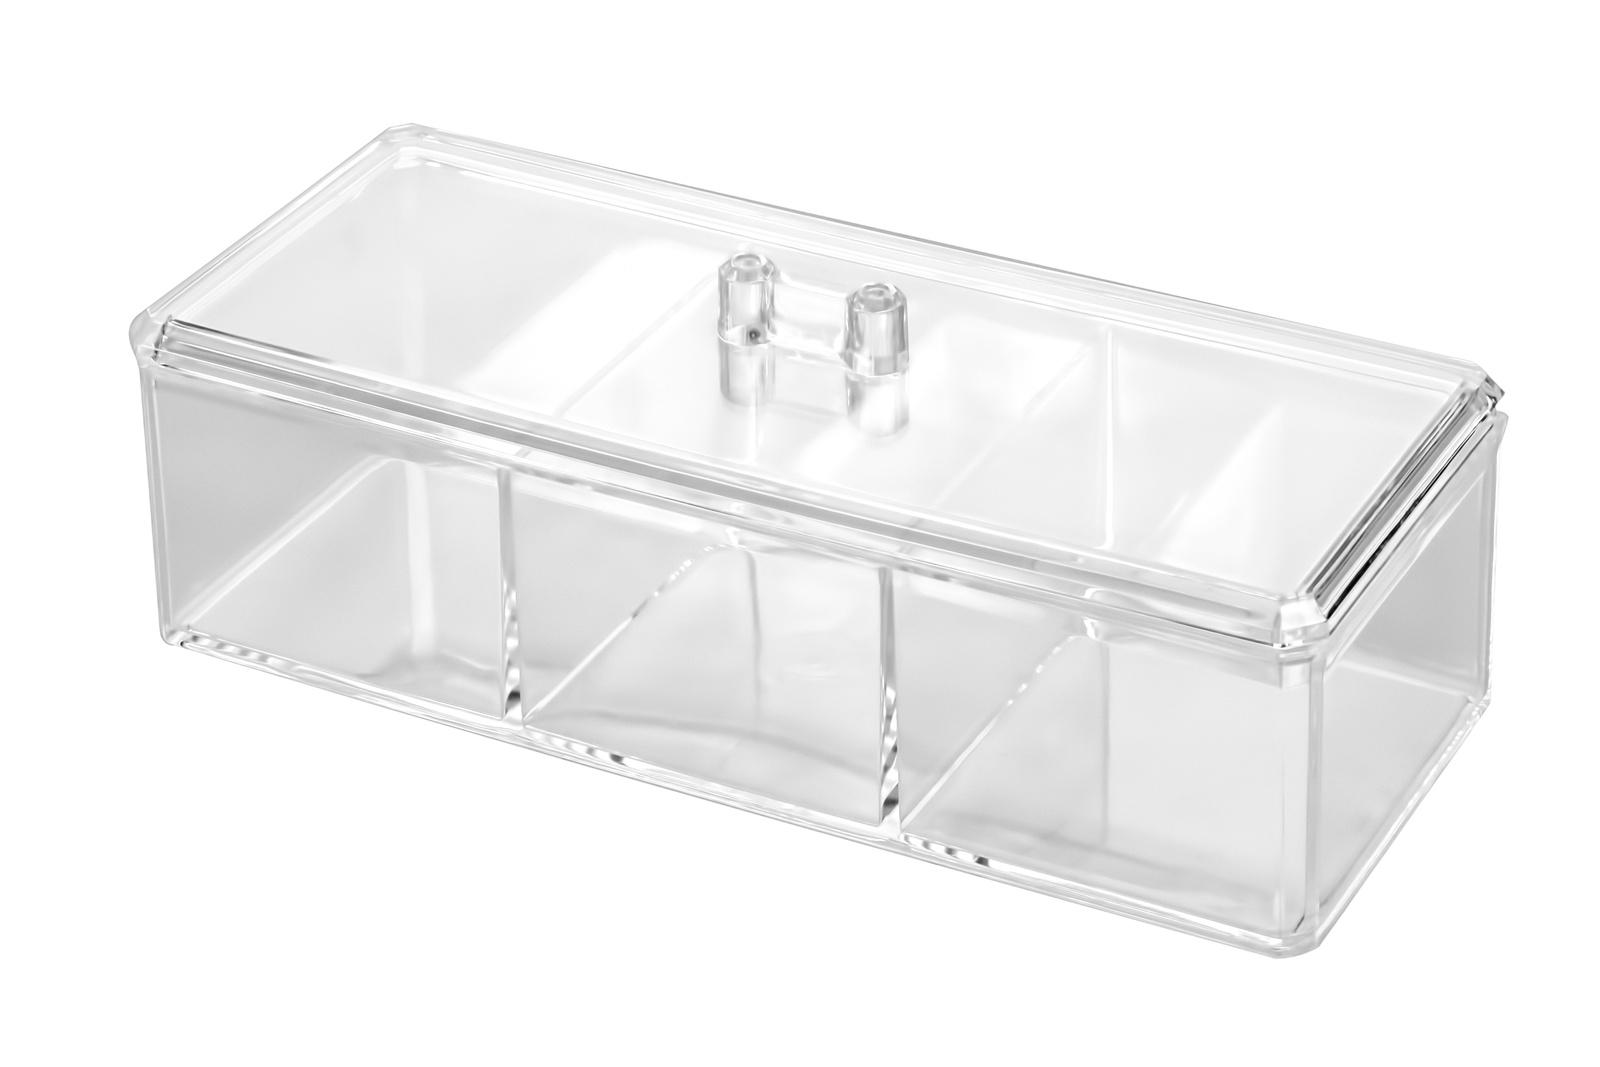 Органайзер для косметики акриловый, S-322 прозрачный органайзер подвесной с 6 отделениями